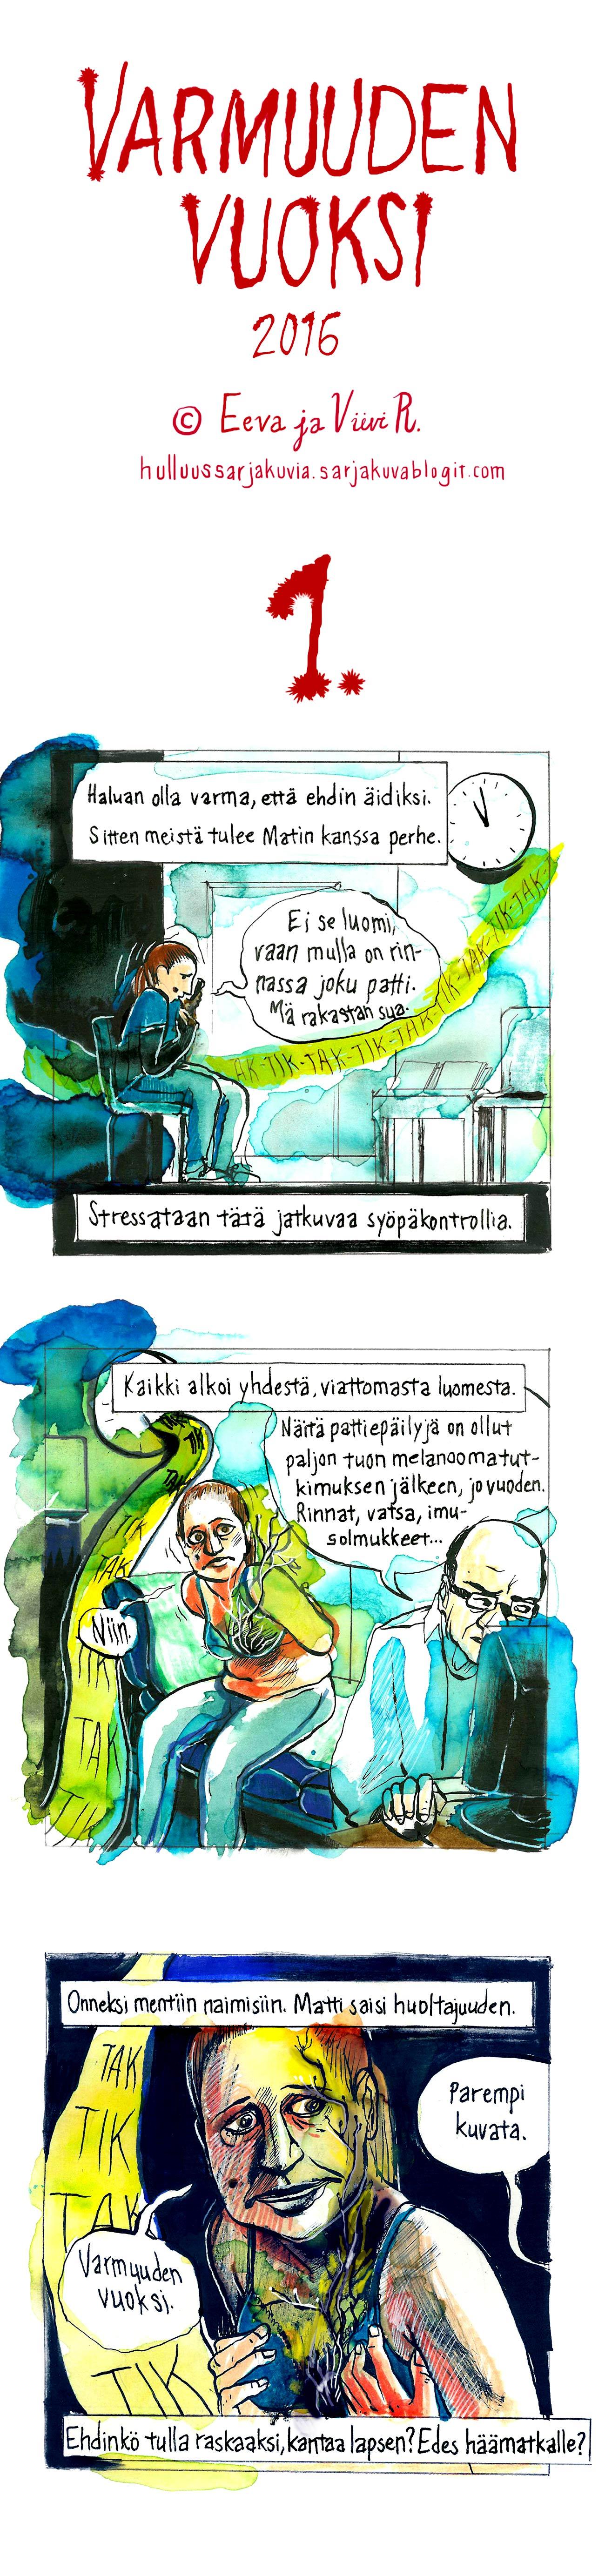 Varmuudenvuoksi_osa1